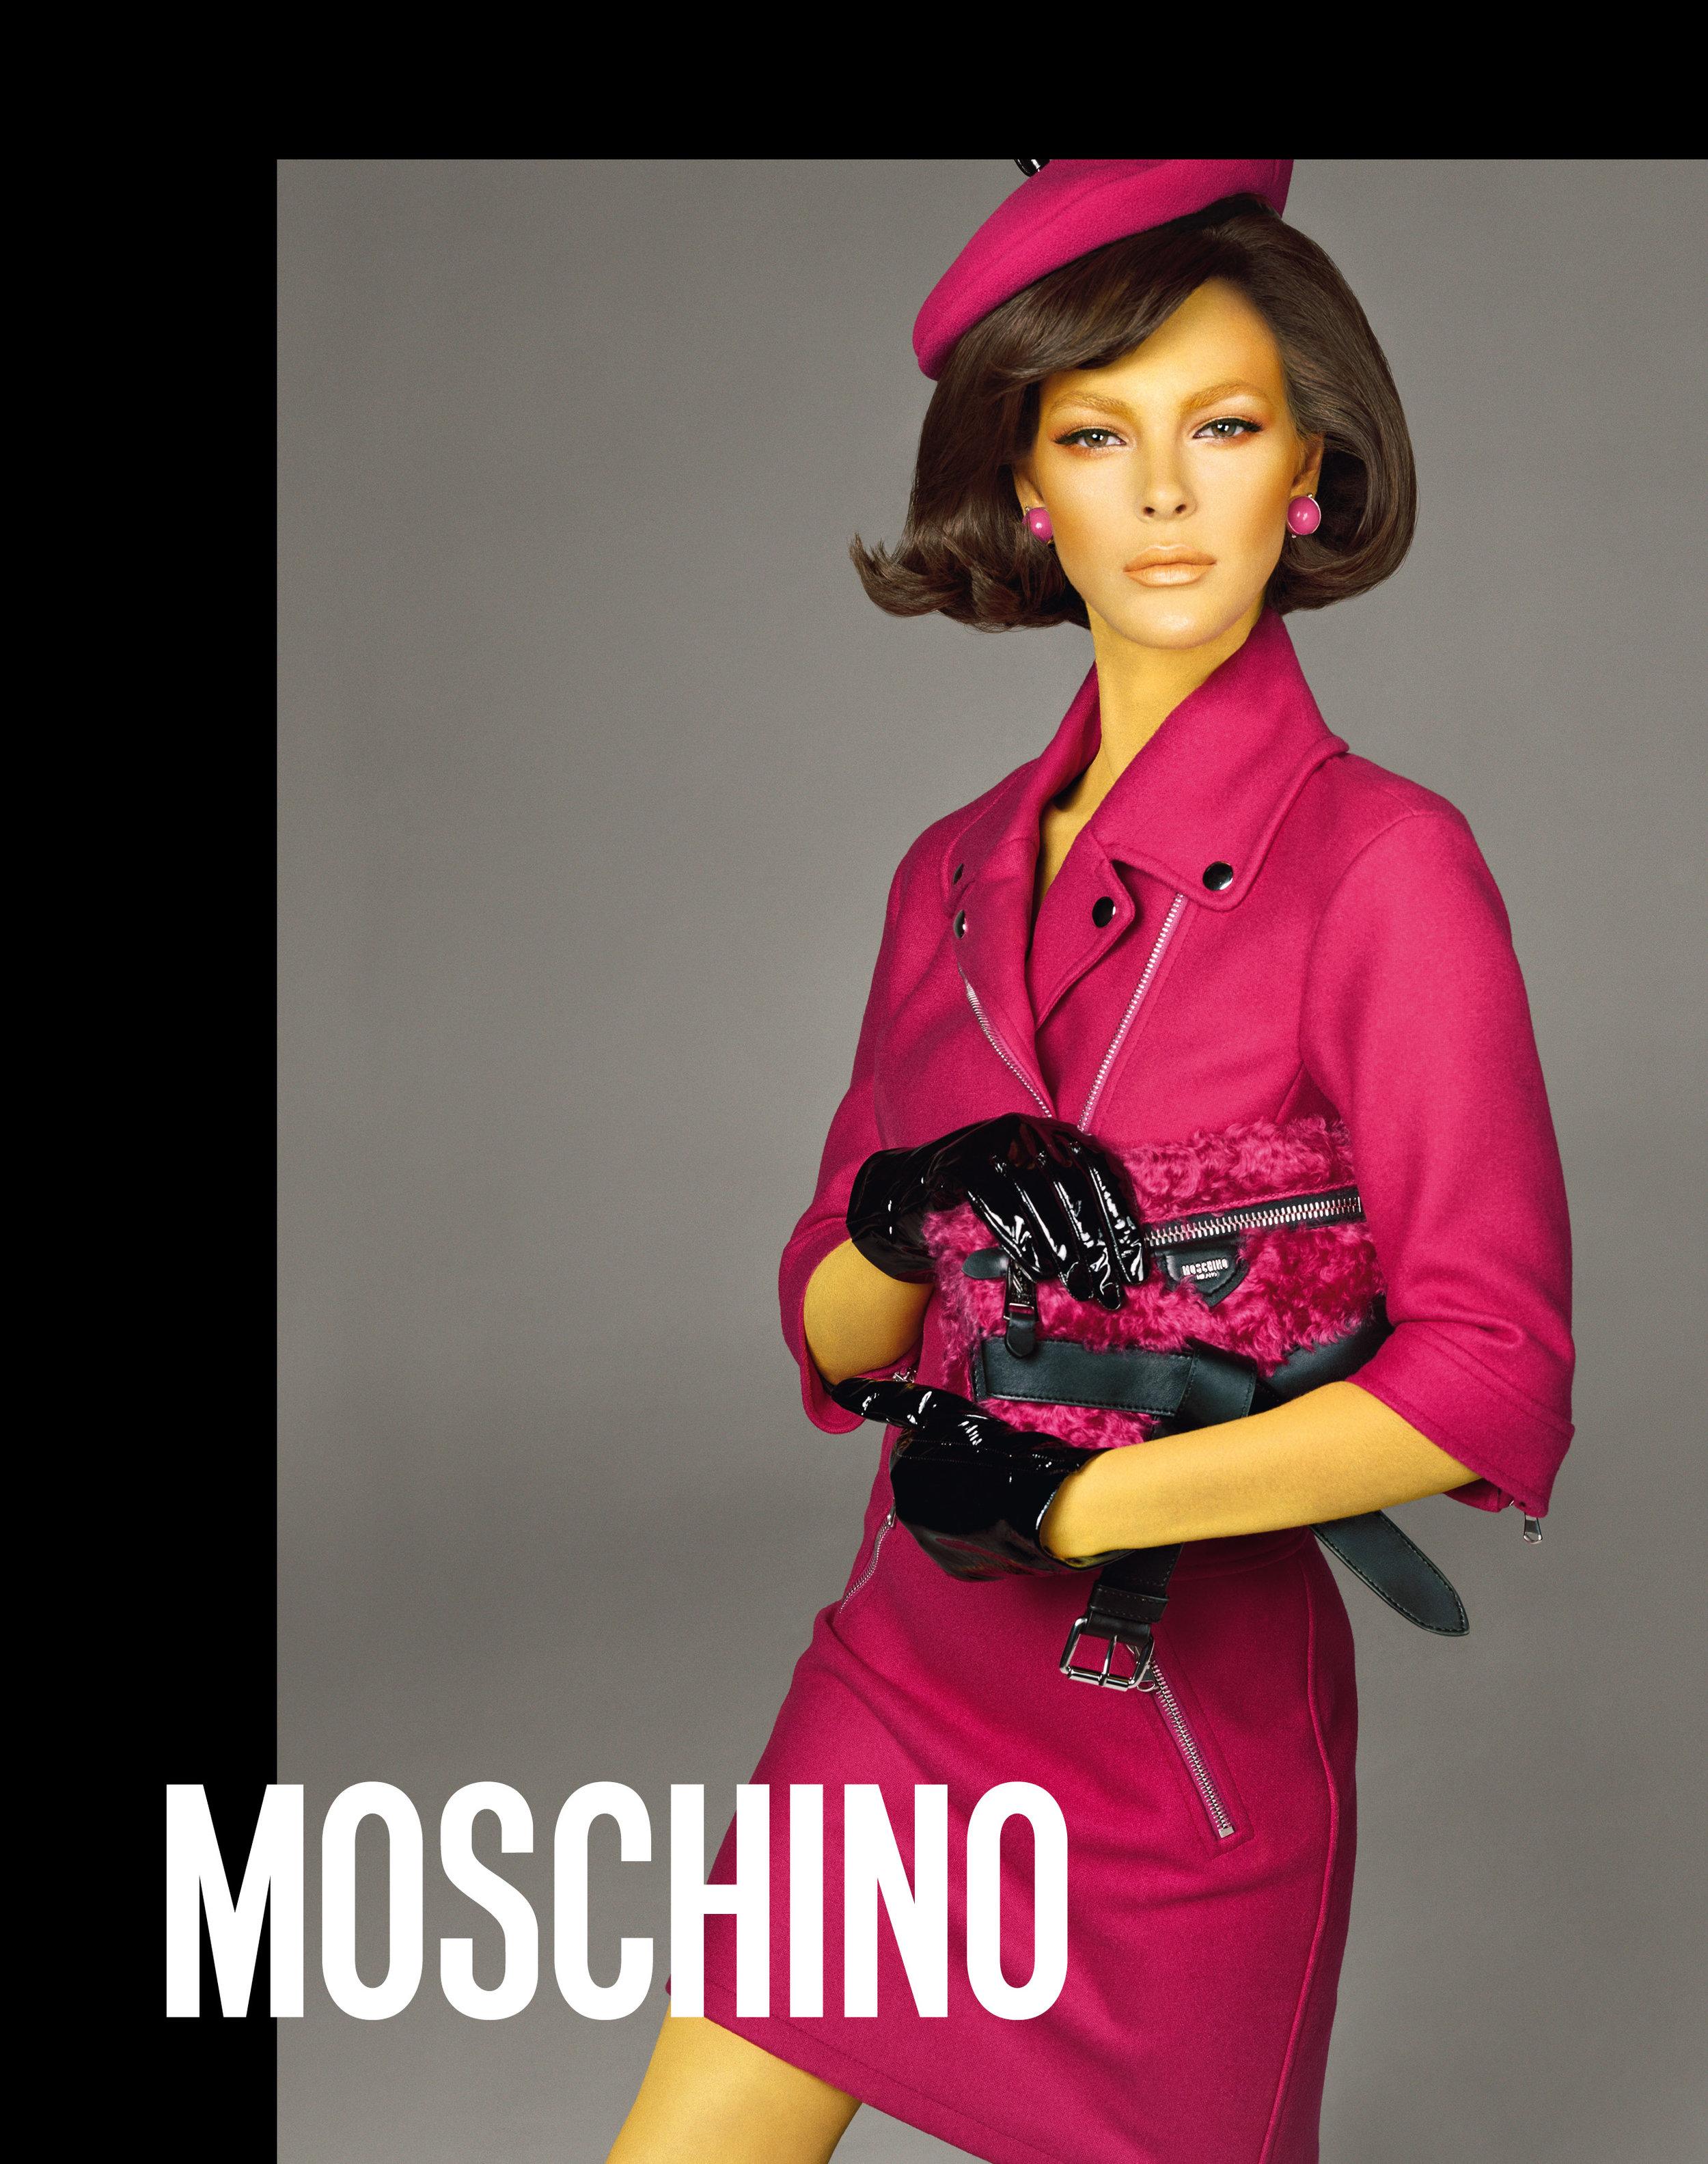 Moschino_5_dd_moschino_fw_18_19_adv_campaign_images_-_vittoria_ceretti.jpg